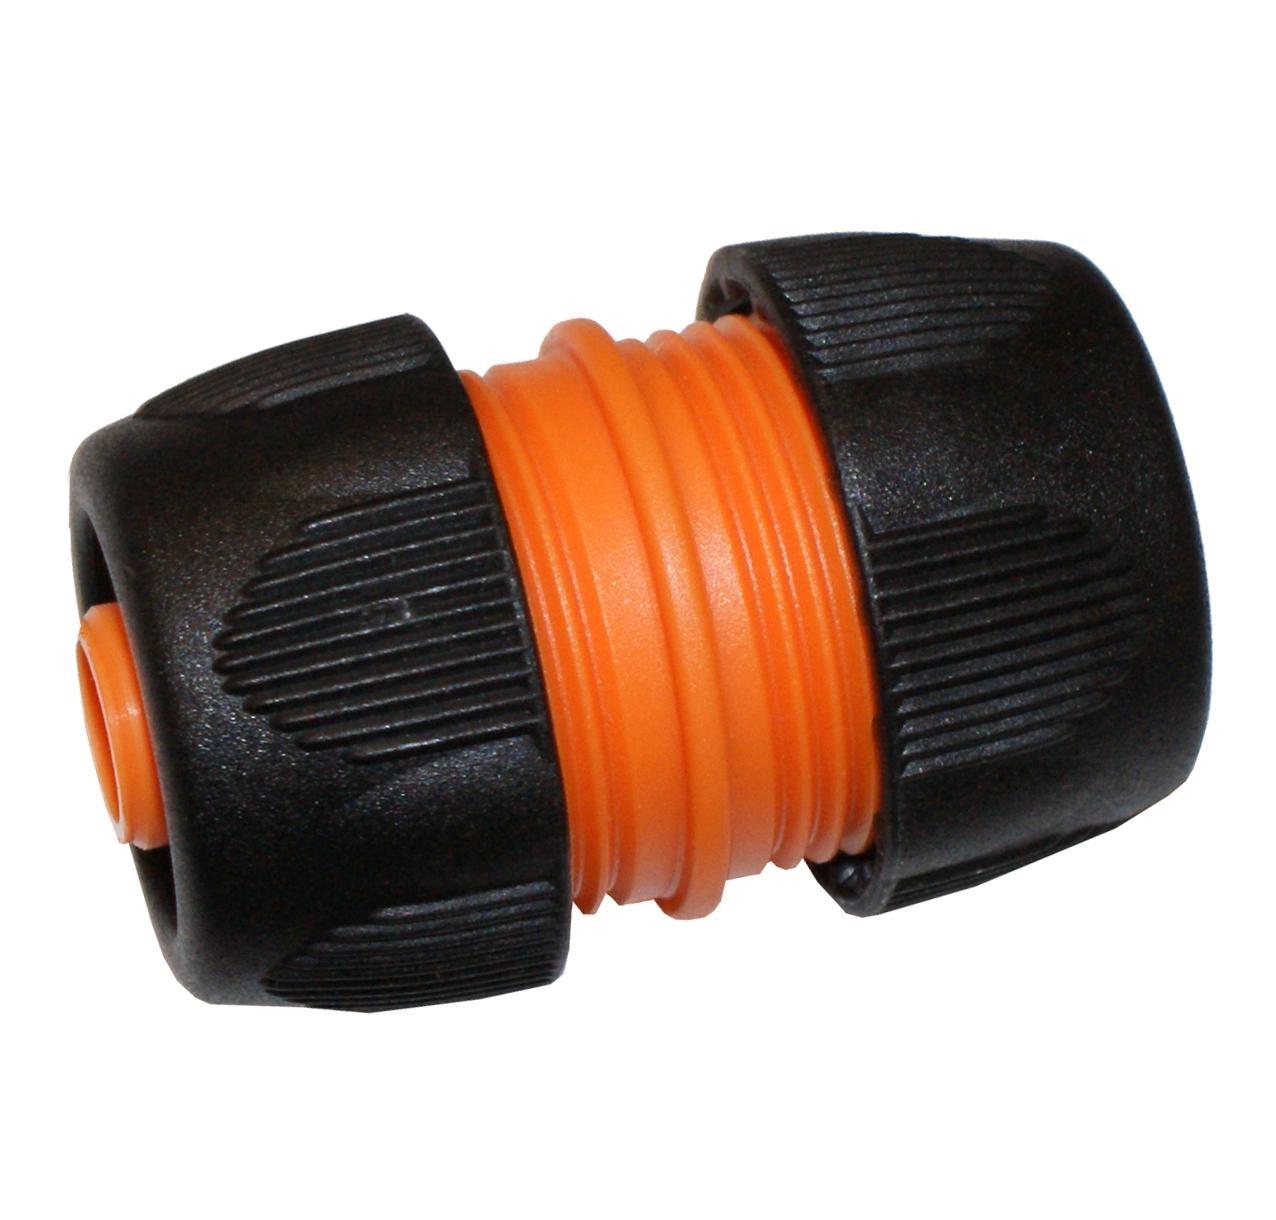 Nylon Hose Mender for 12mm hose